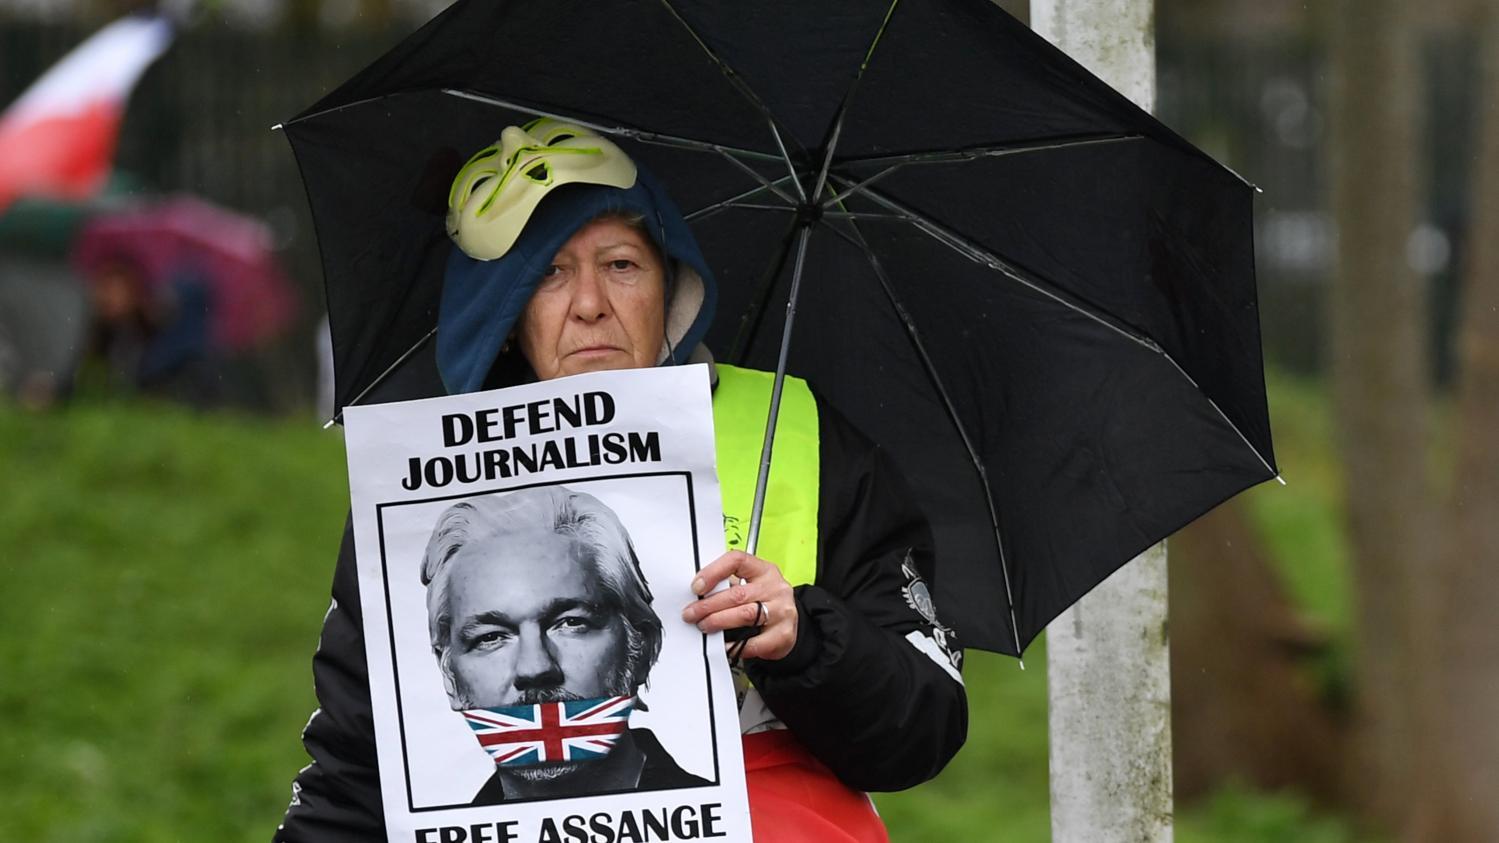 VIDEO. Julian Assange joue son futur devant la justice britannique pour éviter une extradition vers les Etats-Unis